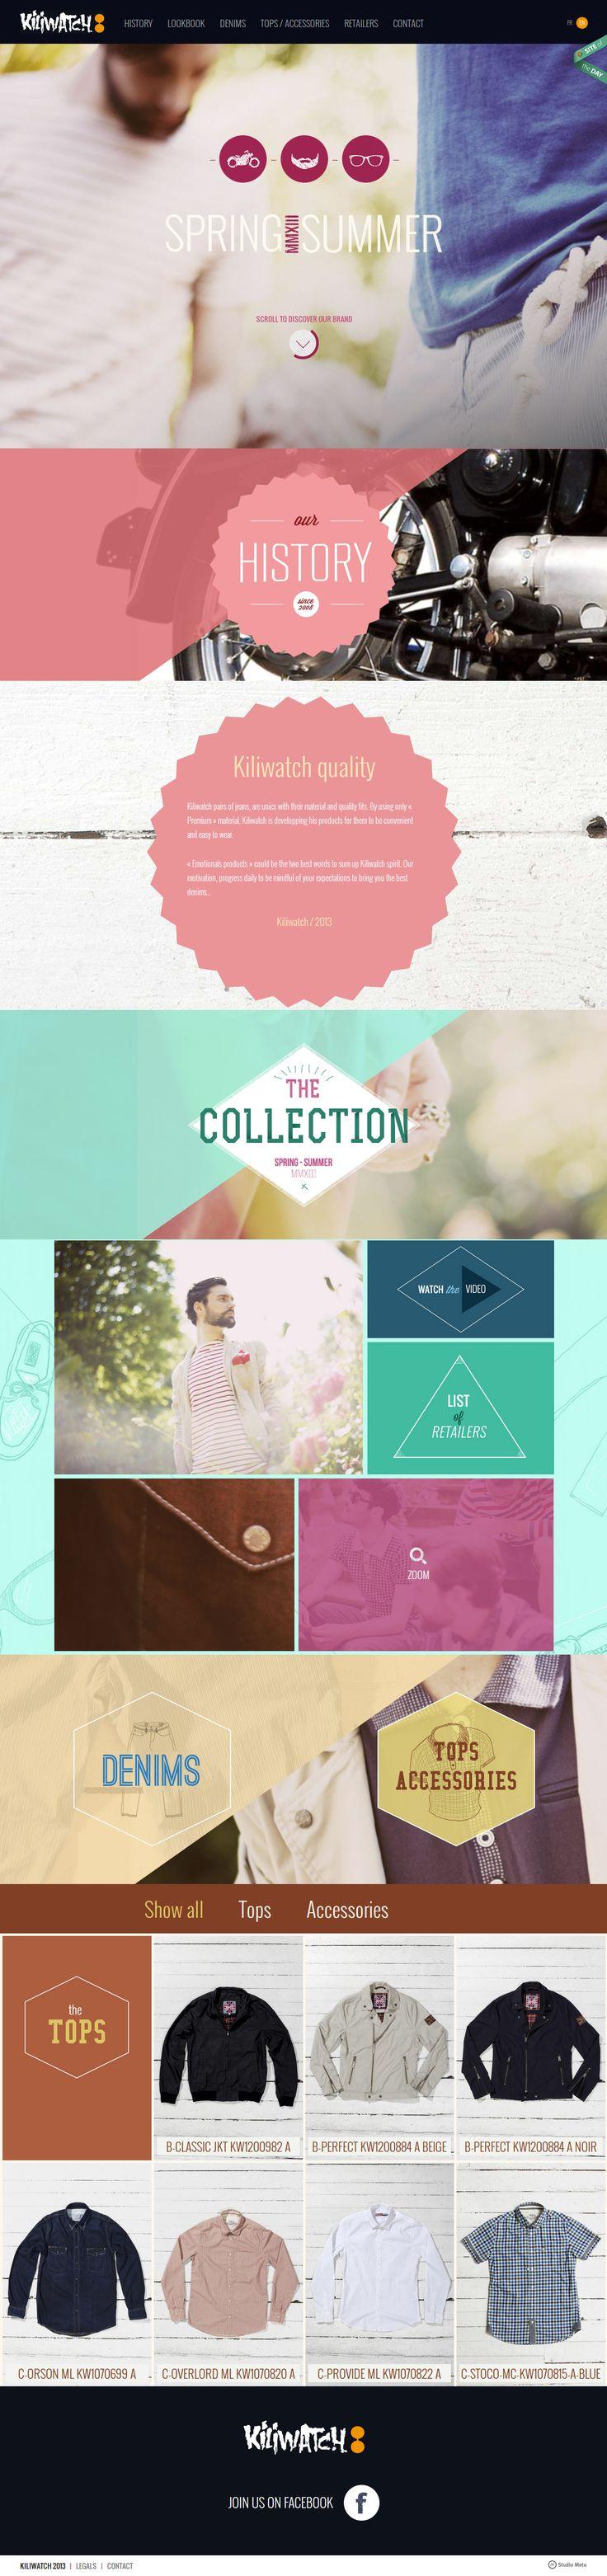 2014 Design Trends Kiliwatch http://www.awwwards.com/web-design-awards/kiliwatch